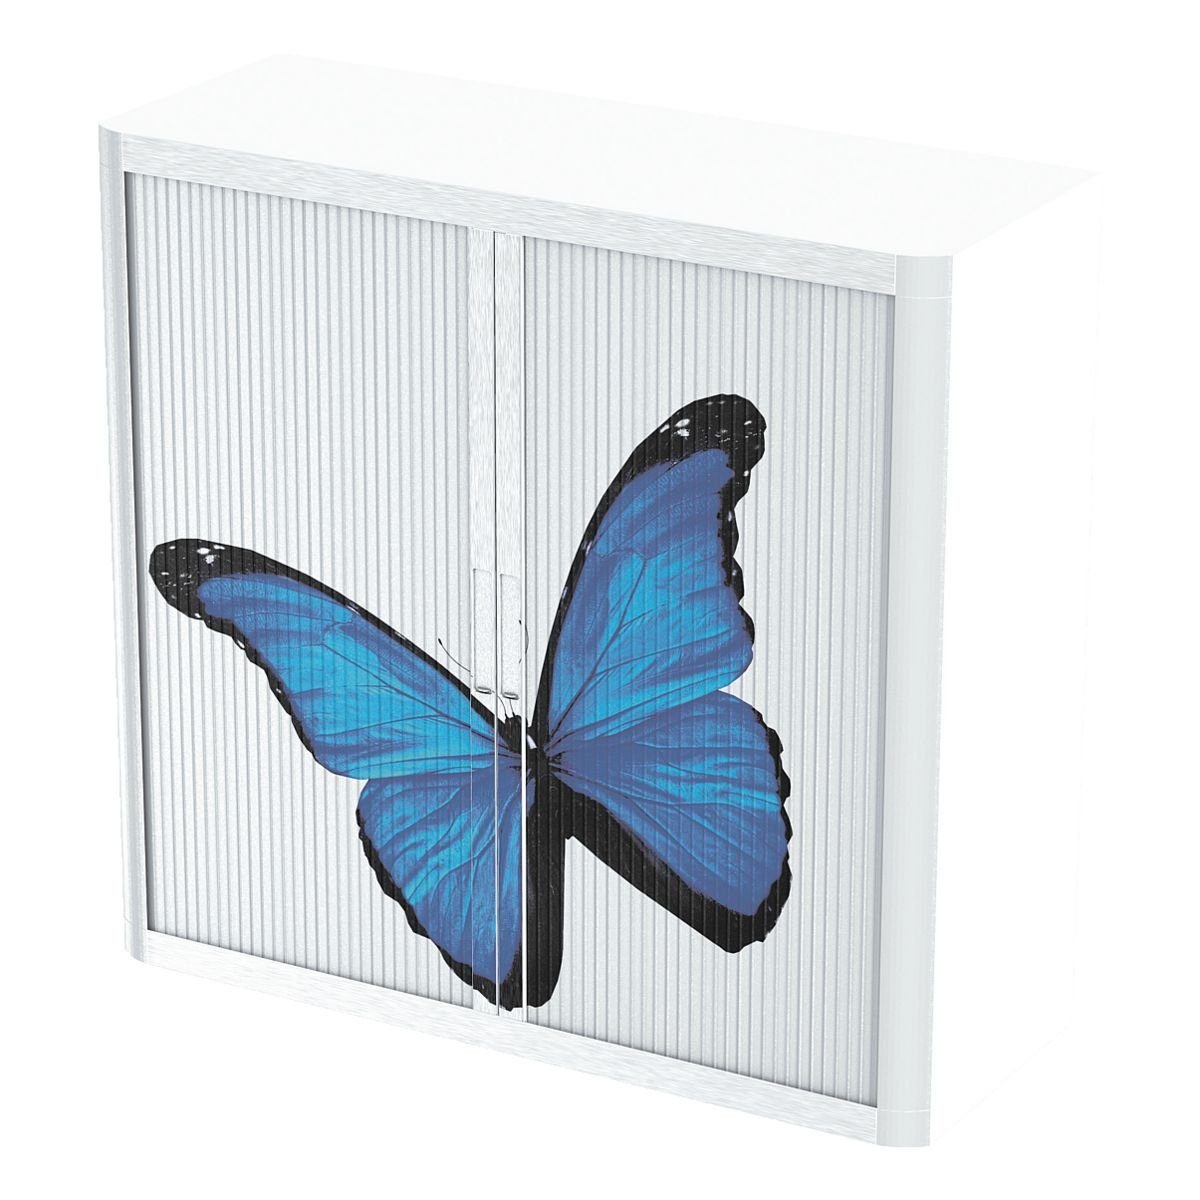 EASYOFFICE Rollladenschrank Motiv schwarz blauer Schmetterling